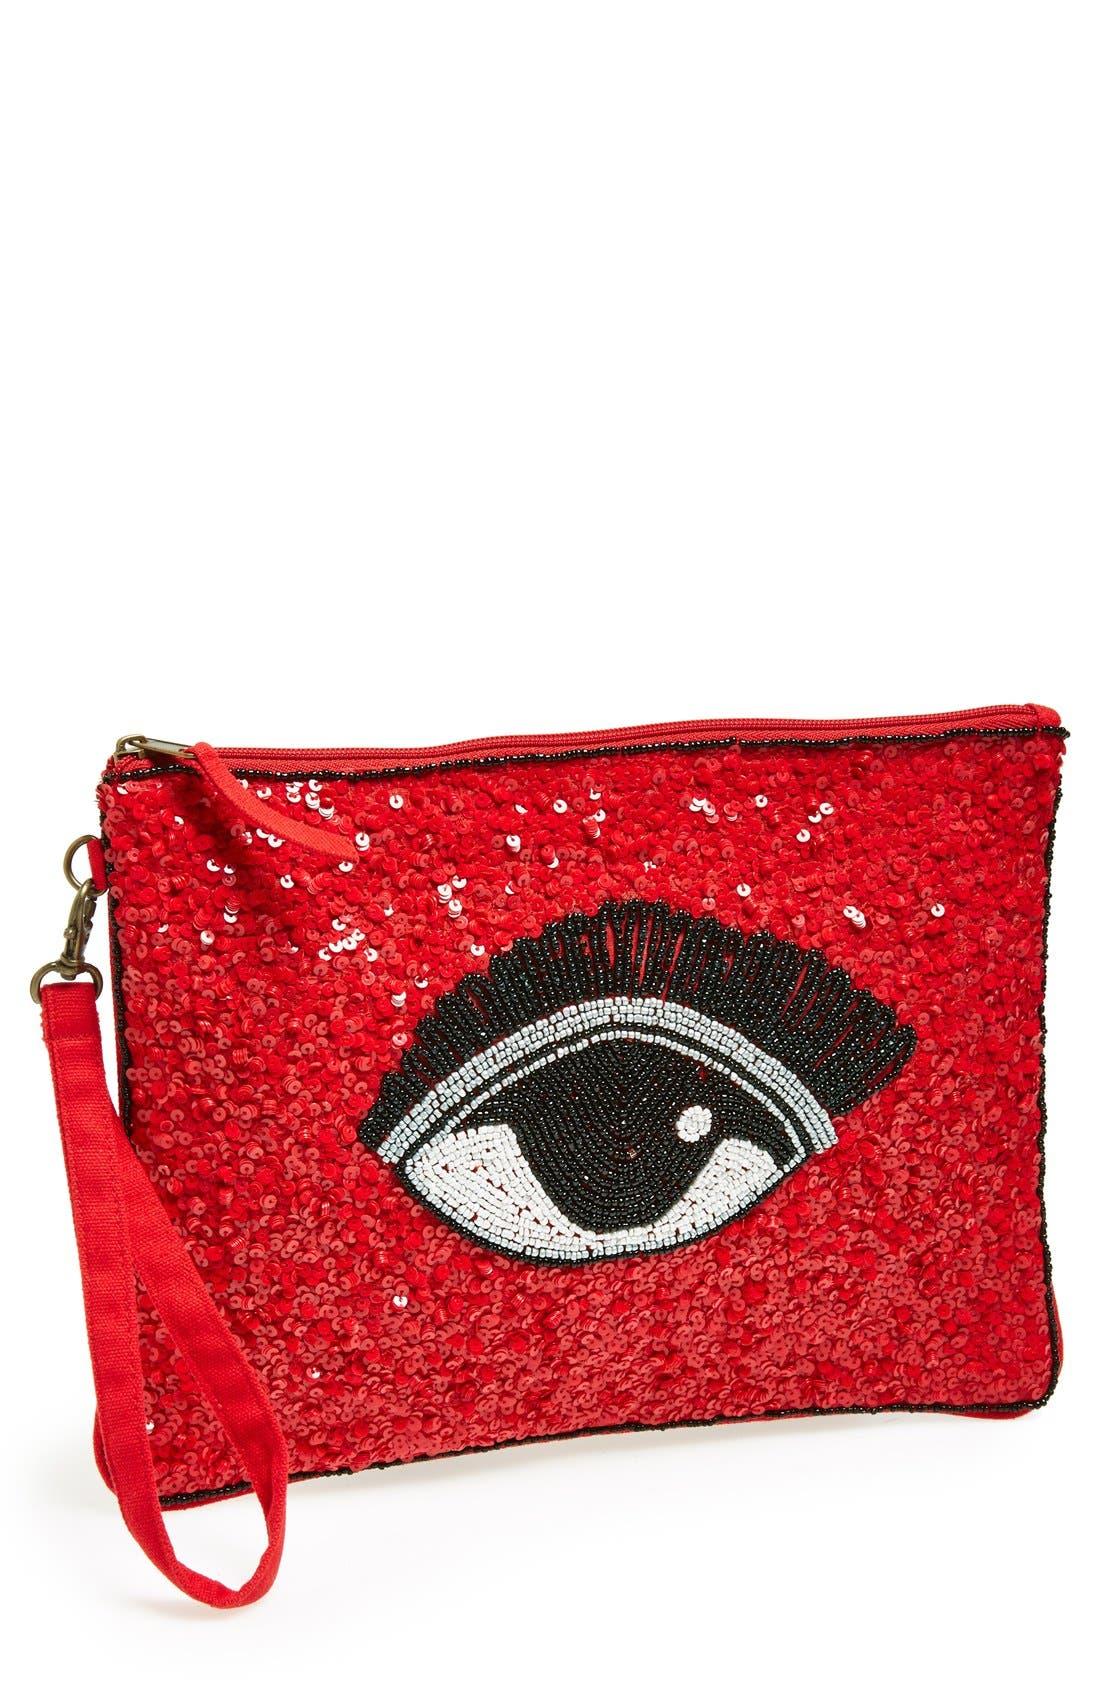 Alternate Image 1 Selected - Nila Anthony Beaded Eye Clutch